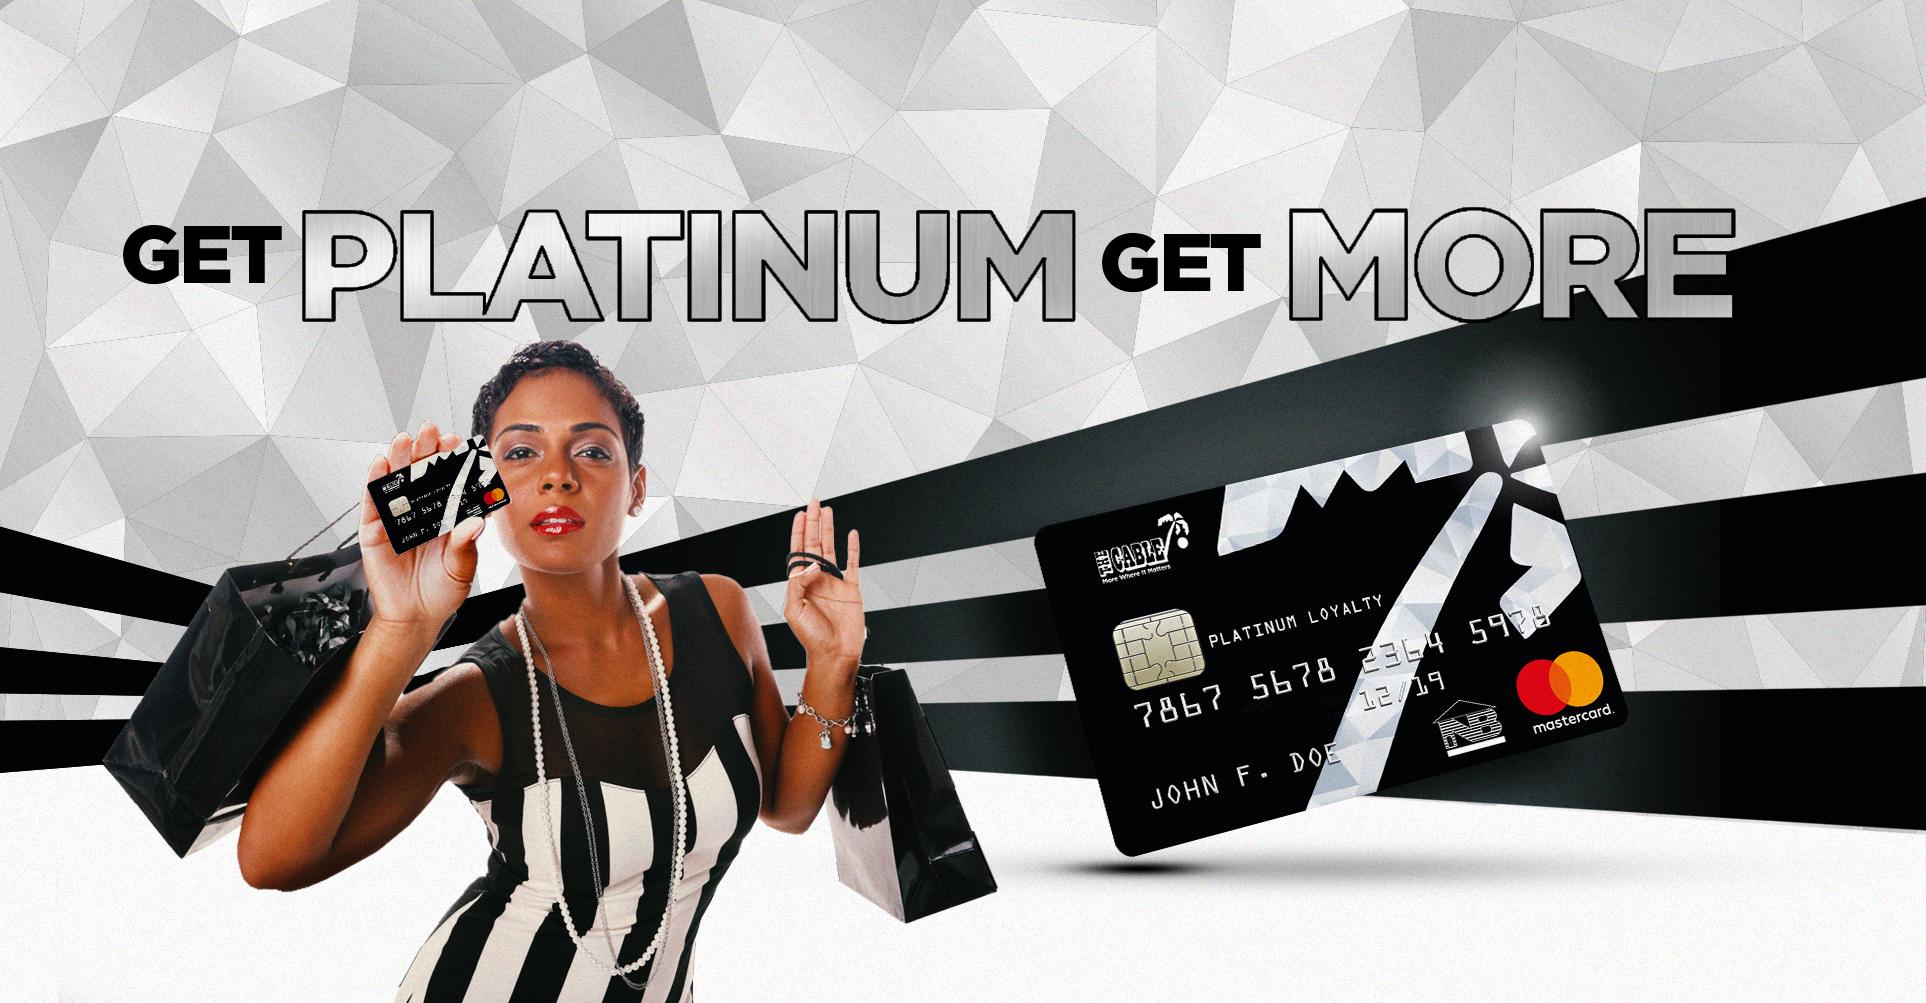 Get Platinum Get More